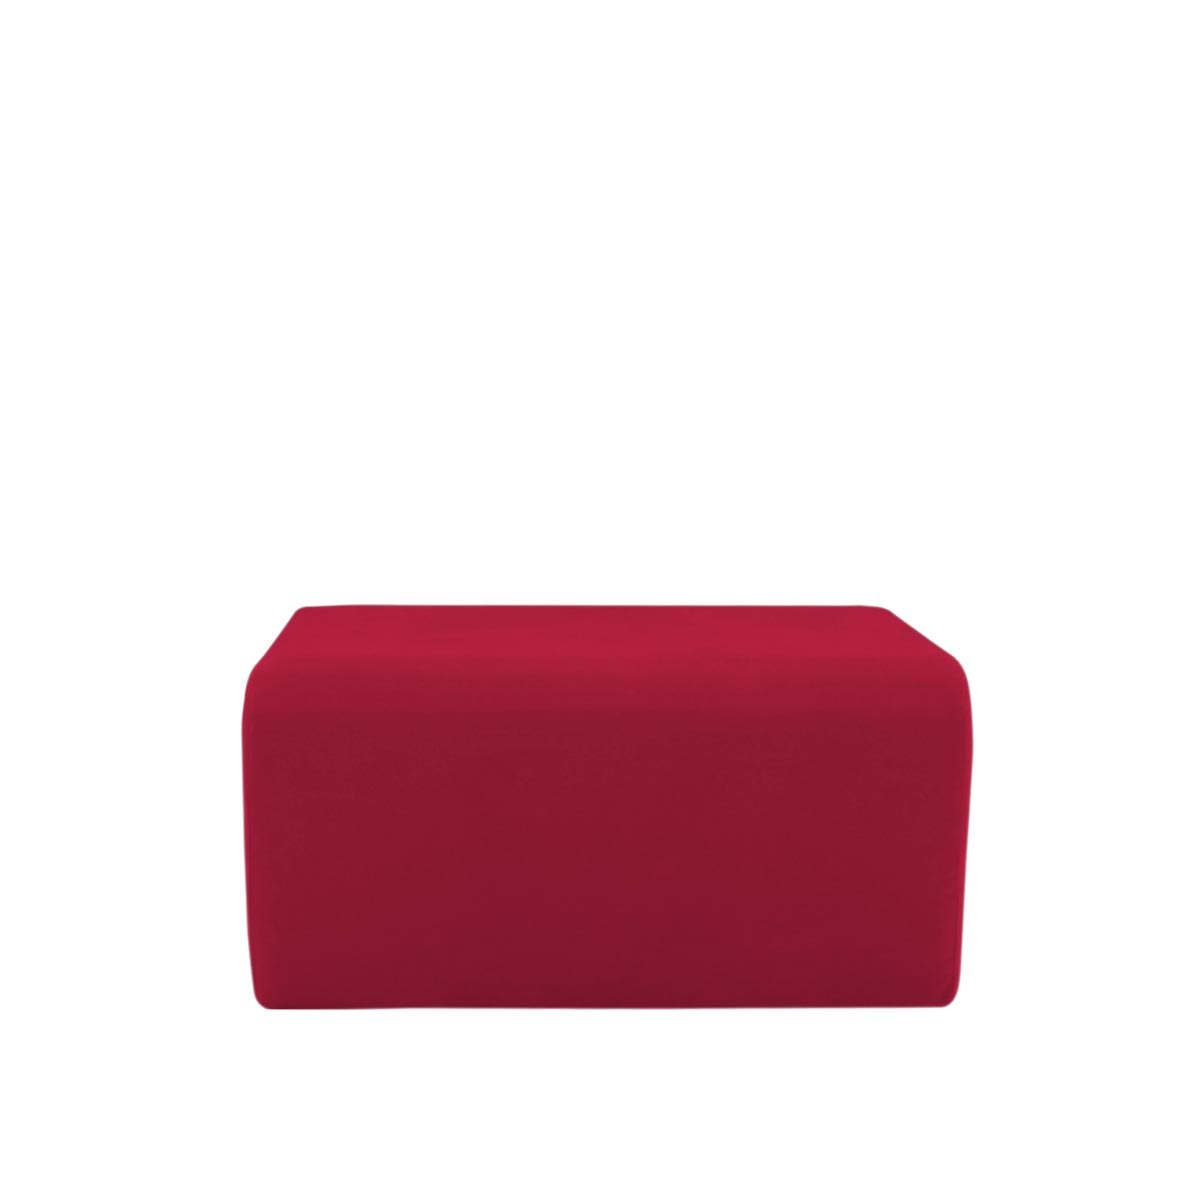 Pufe Muss R02 Tecido Lonita Vermelho Da China 01